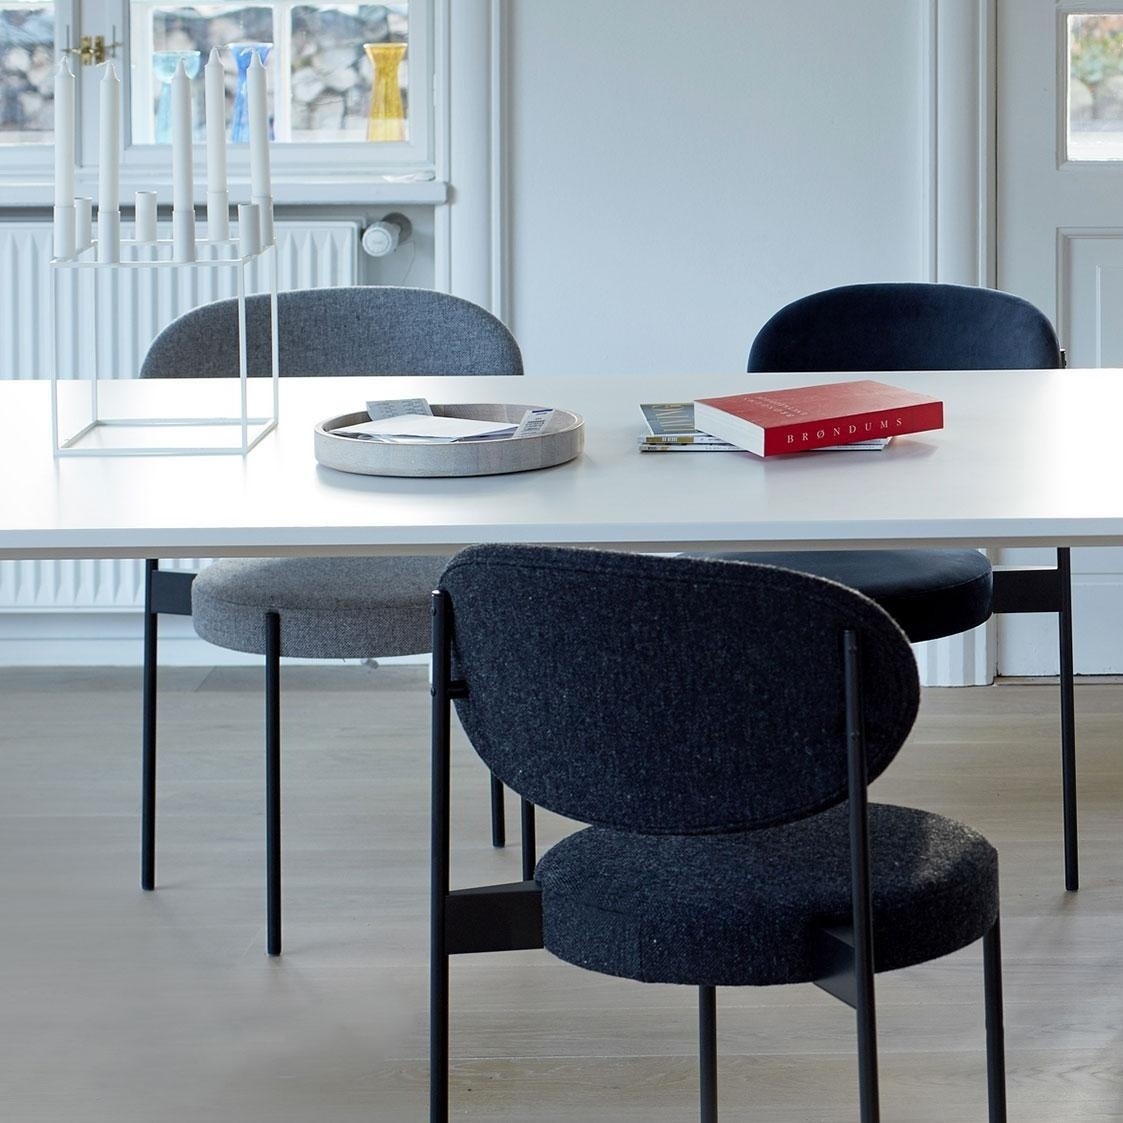 VerPan Series 430 Panton Chair